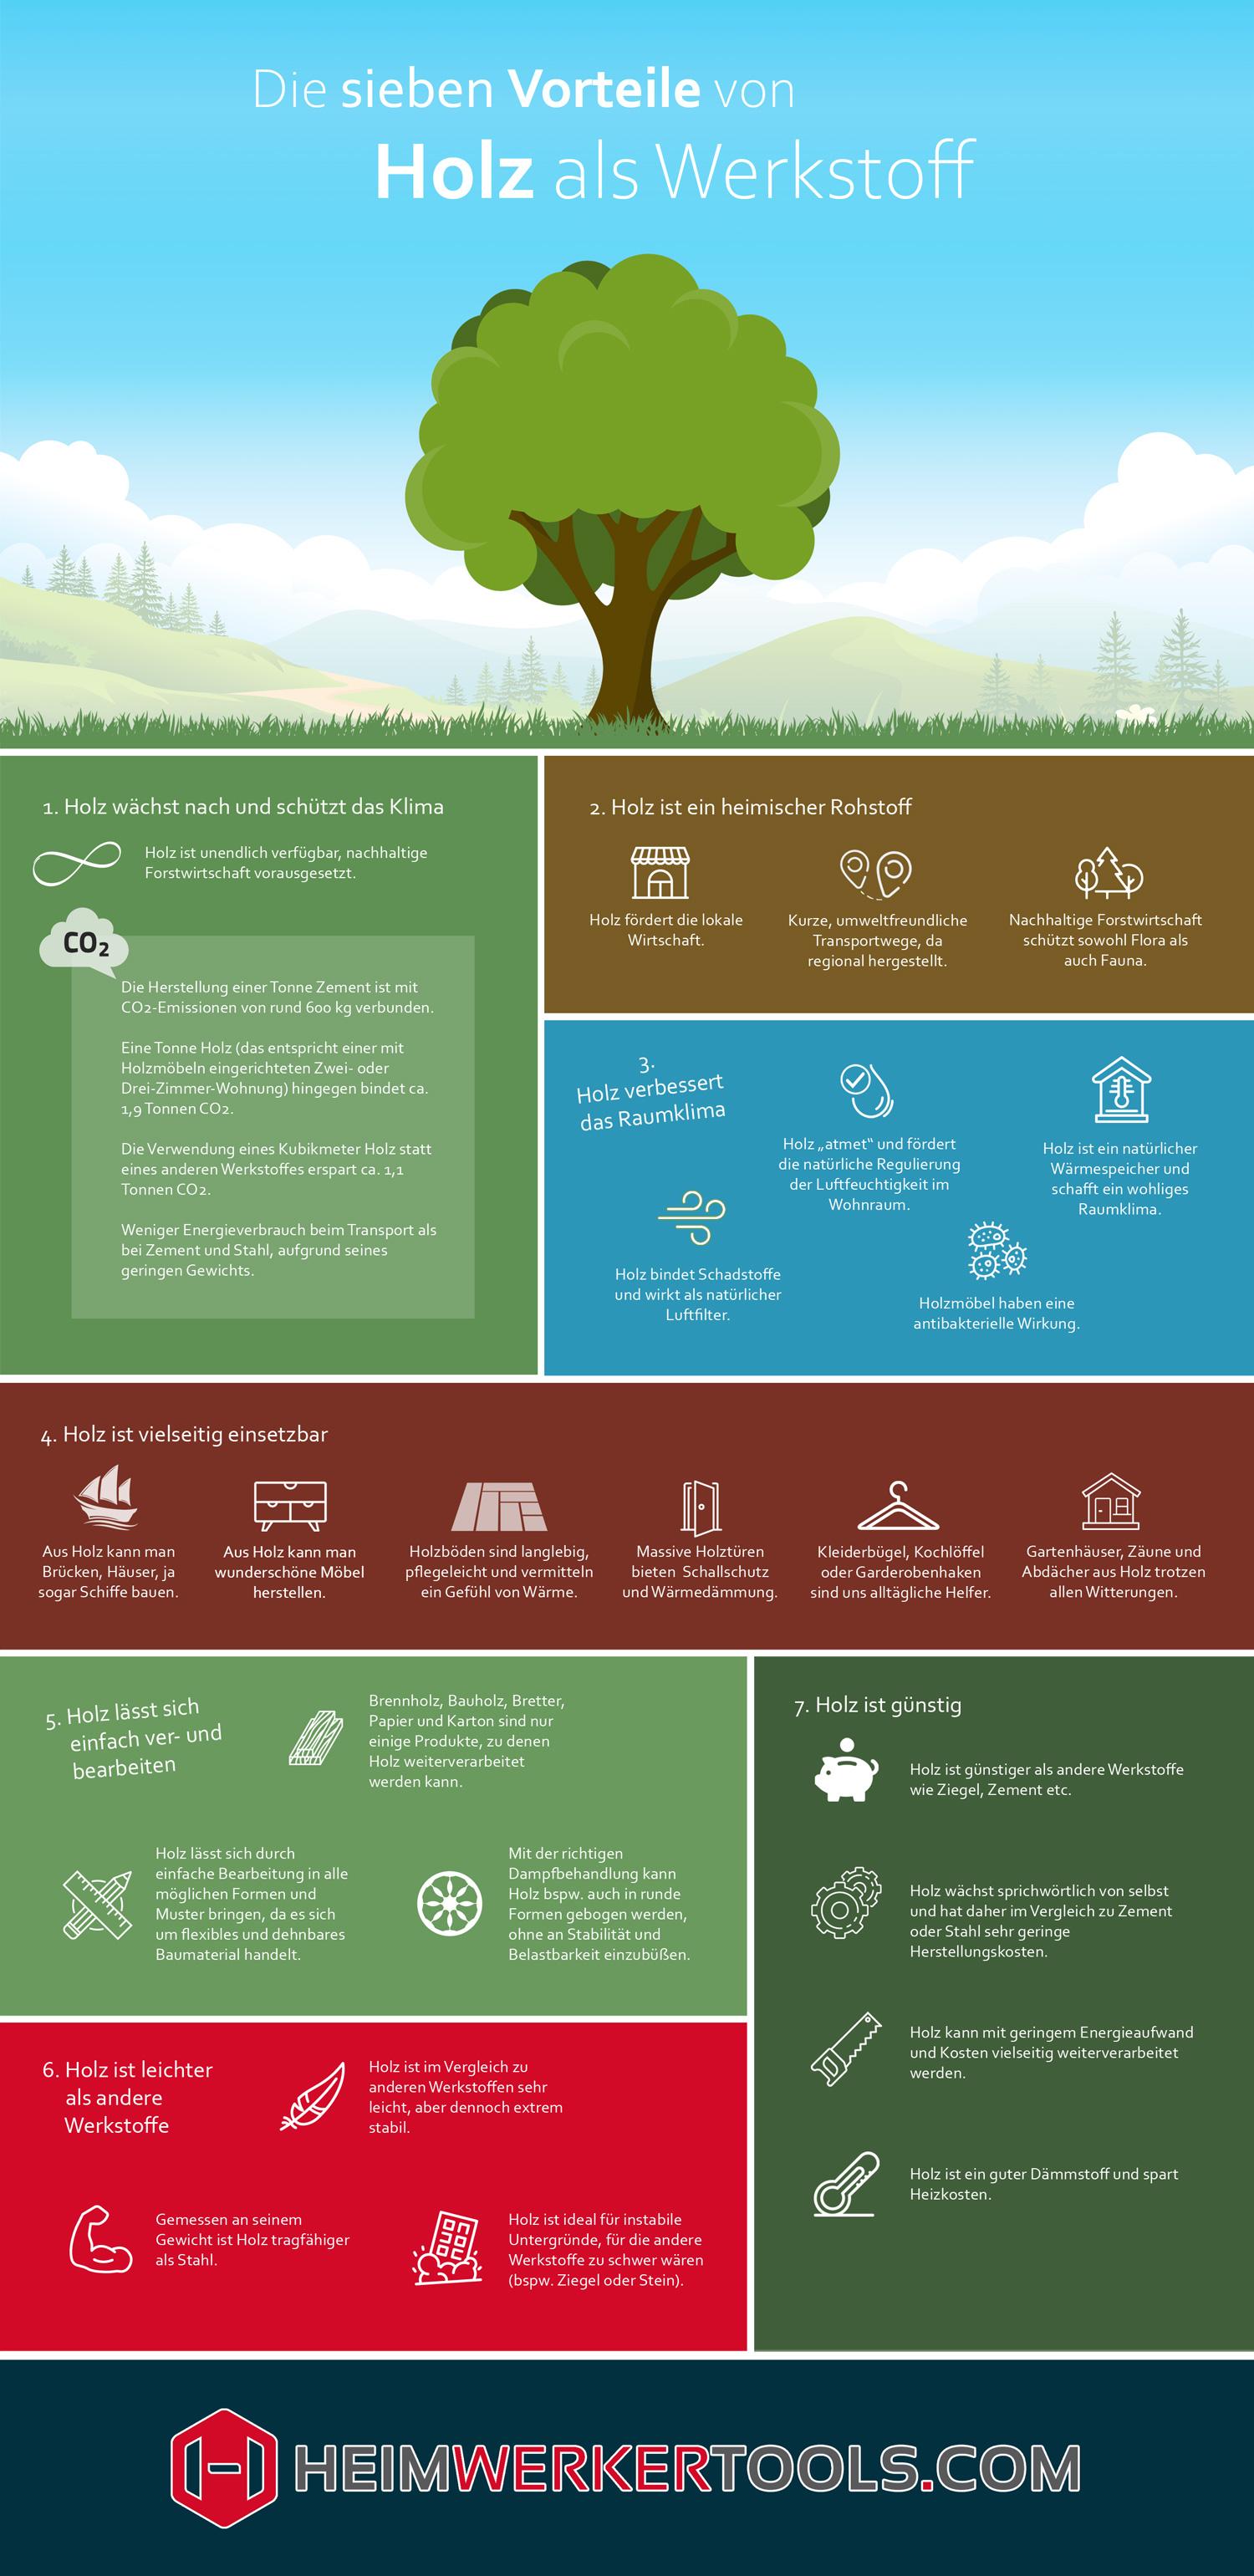 7 Vorteile von Holz als Werkstoff- Infografik